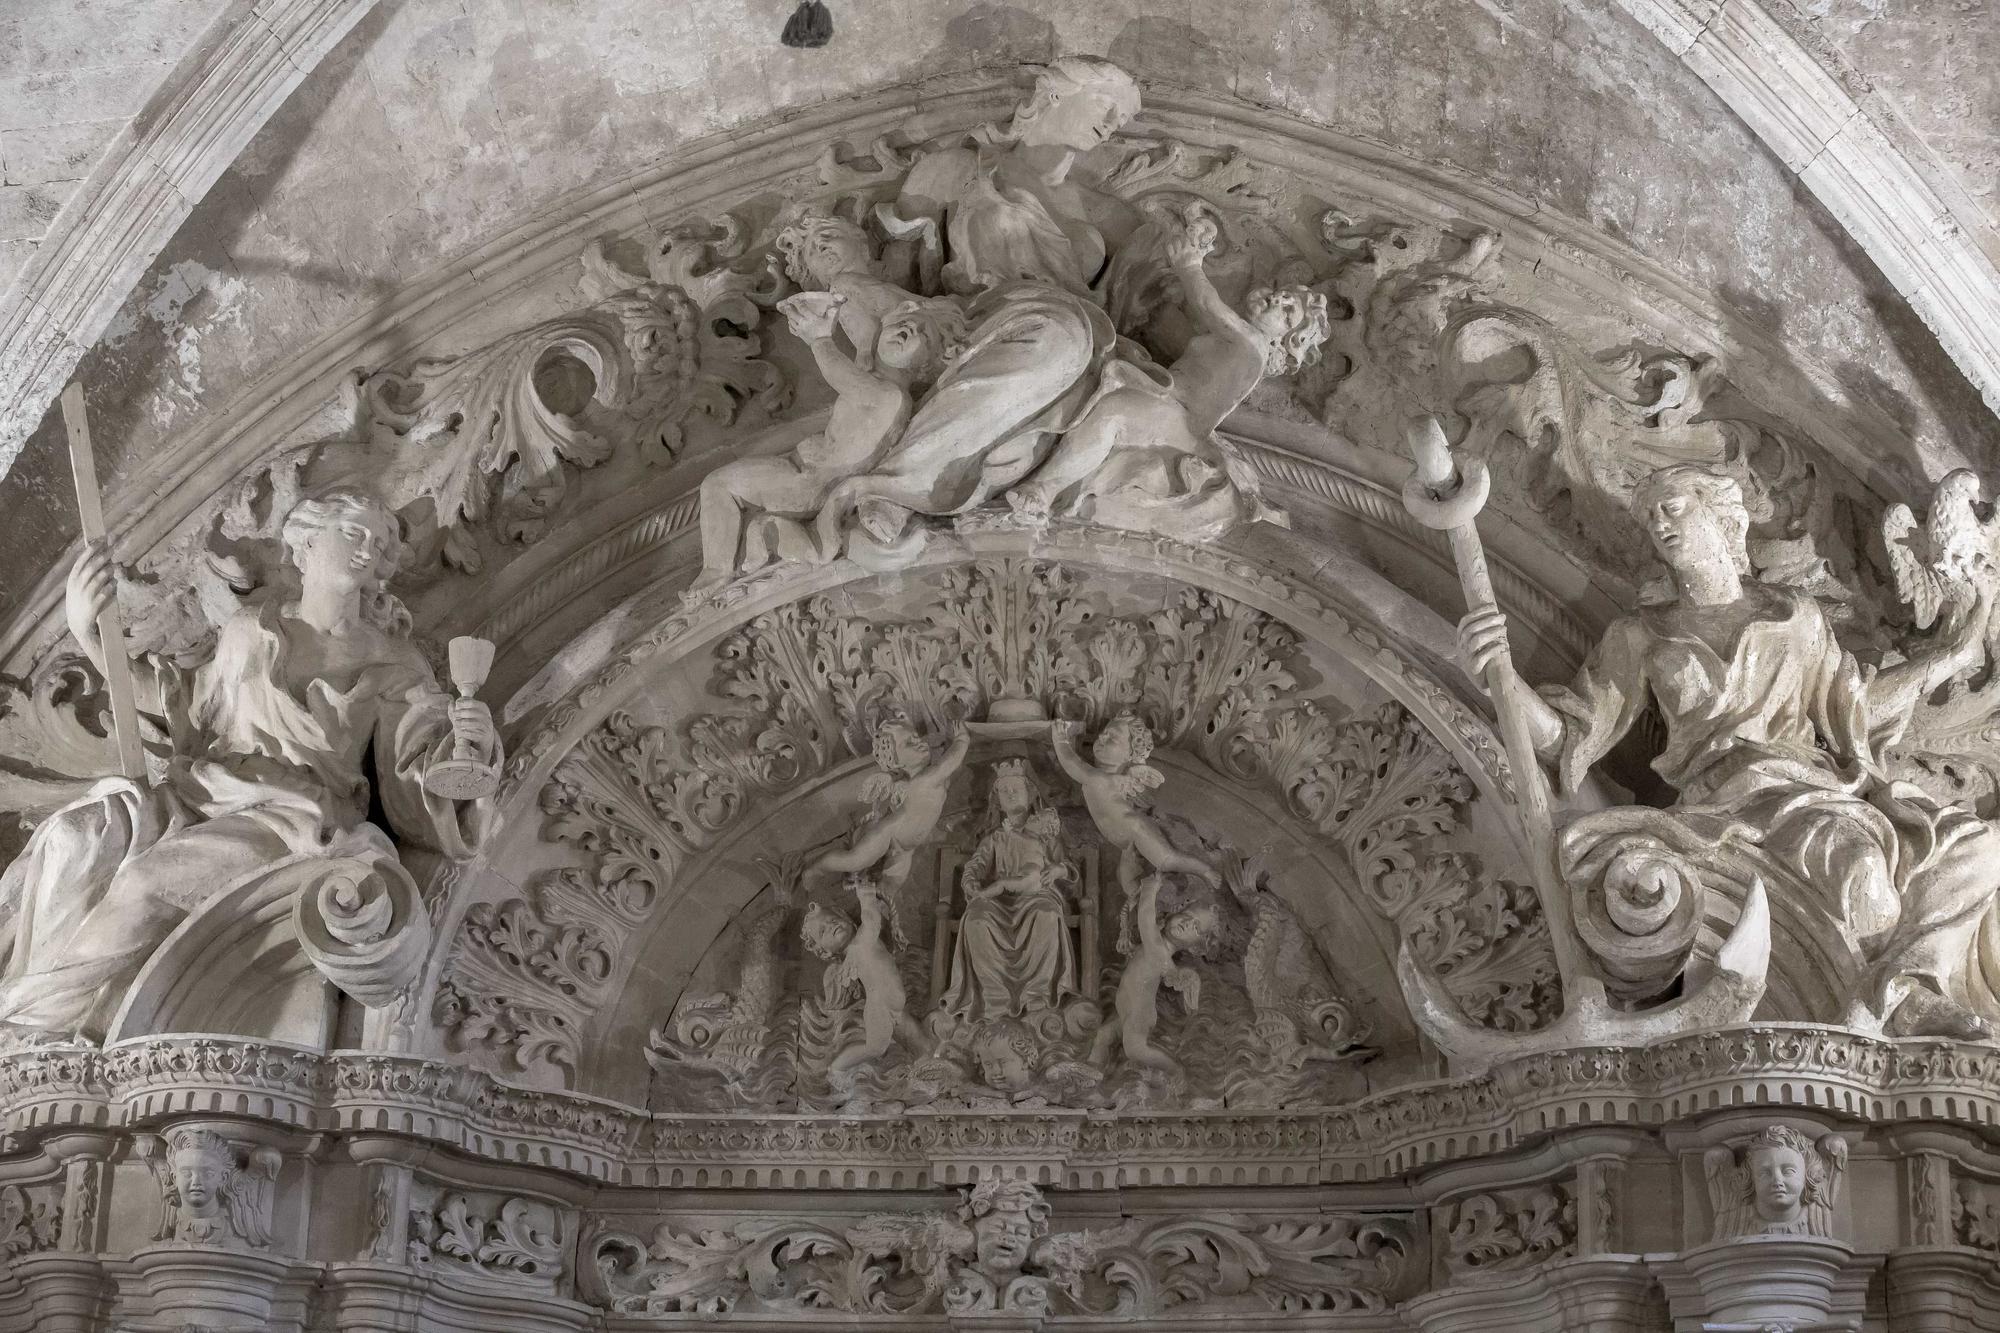 Visitas en la catedral dirigidas por dos historiadoras destacando el papel de la mujer en la iglesia por el 8M